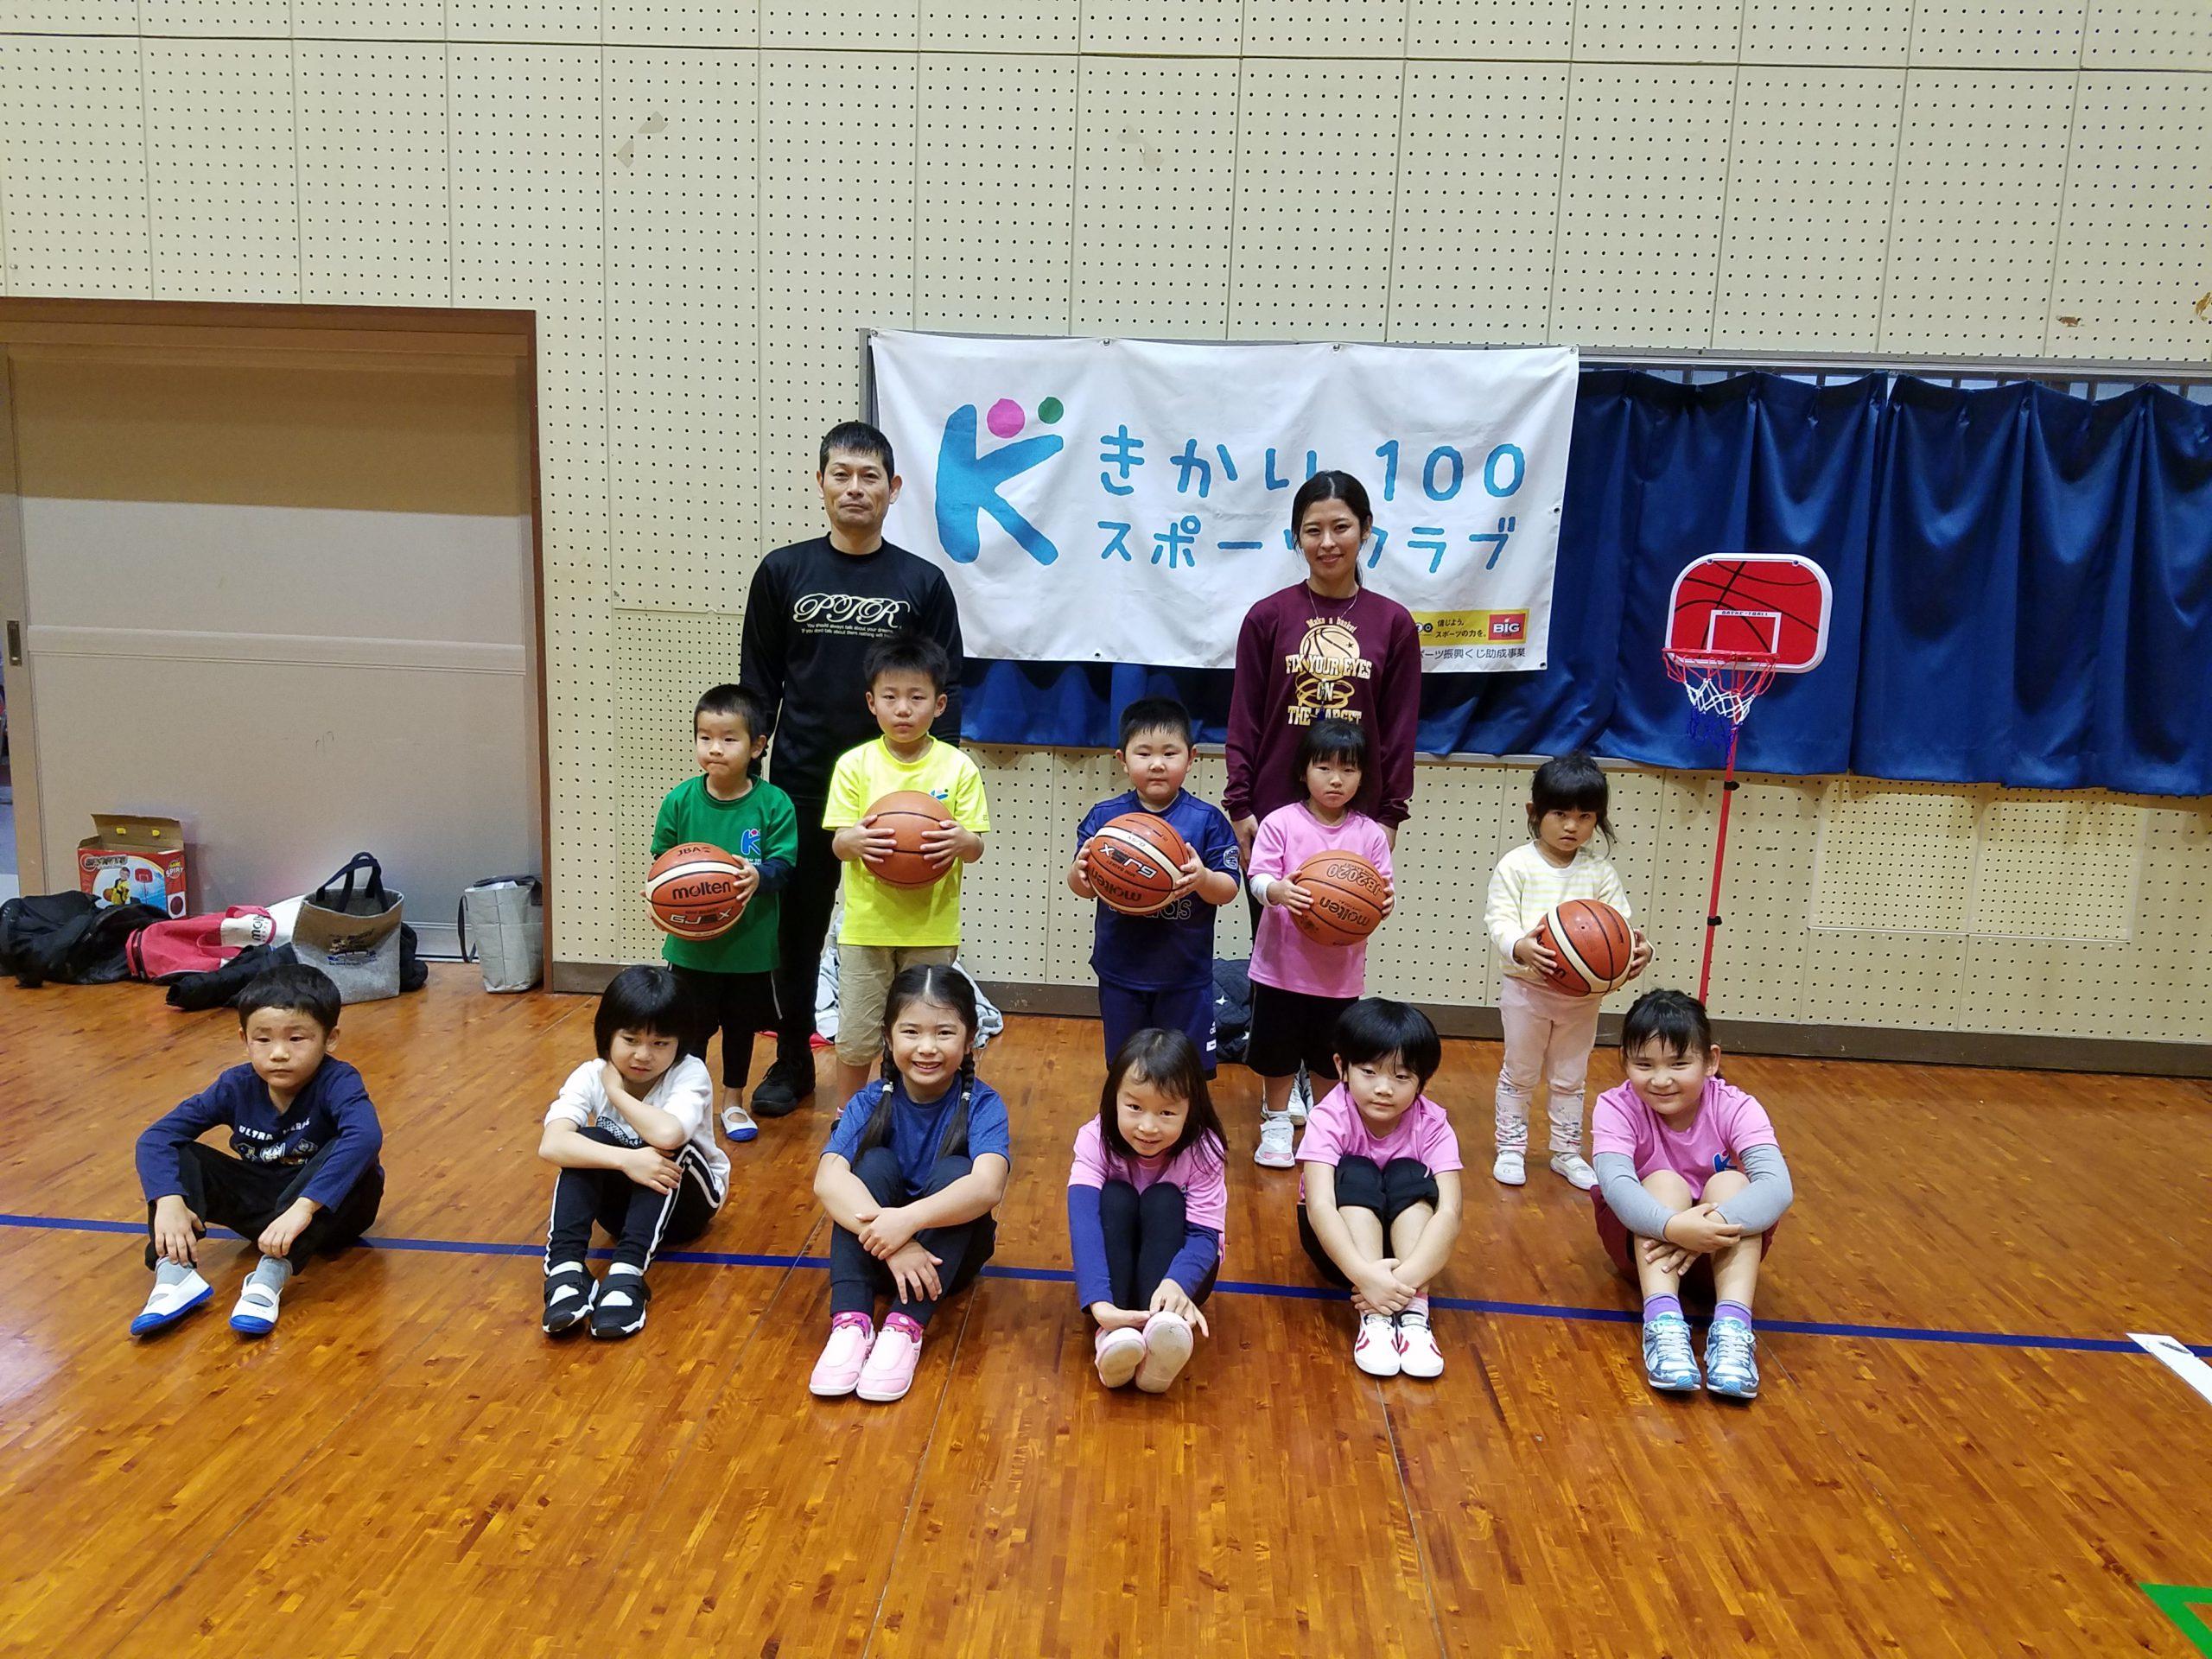 キッズenjoyサークル競技体験第1弾!バスケットボール